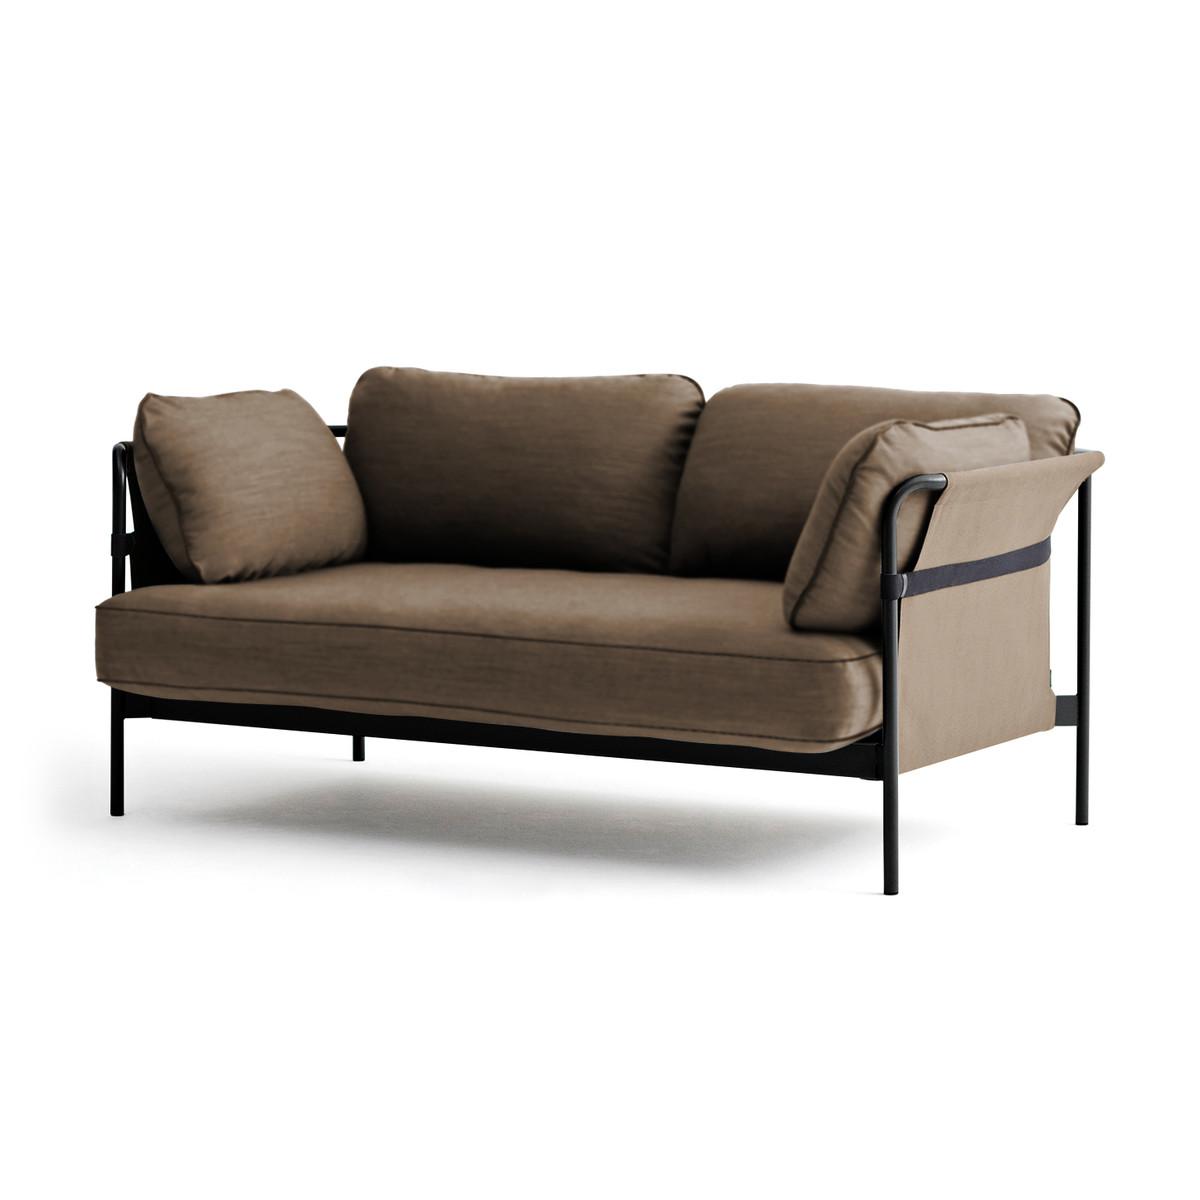 hay can sofa 2 sitzer schwarz canvas army eu braun t 89 h 82 b 172 online kaufen bei woonio. Black Bedroom Furniture Sets. Home Design Ideas